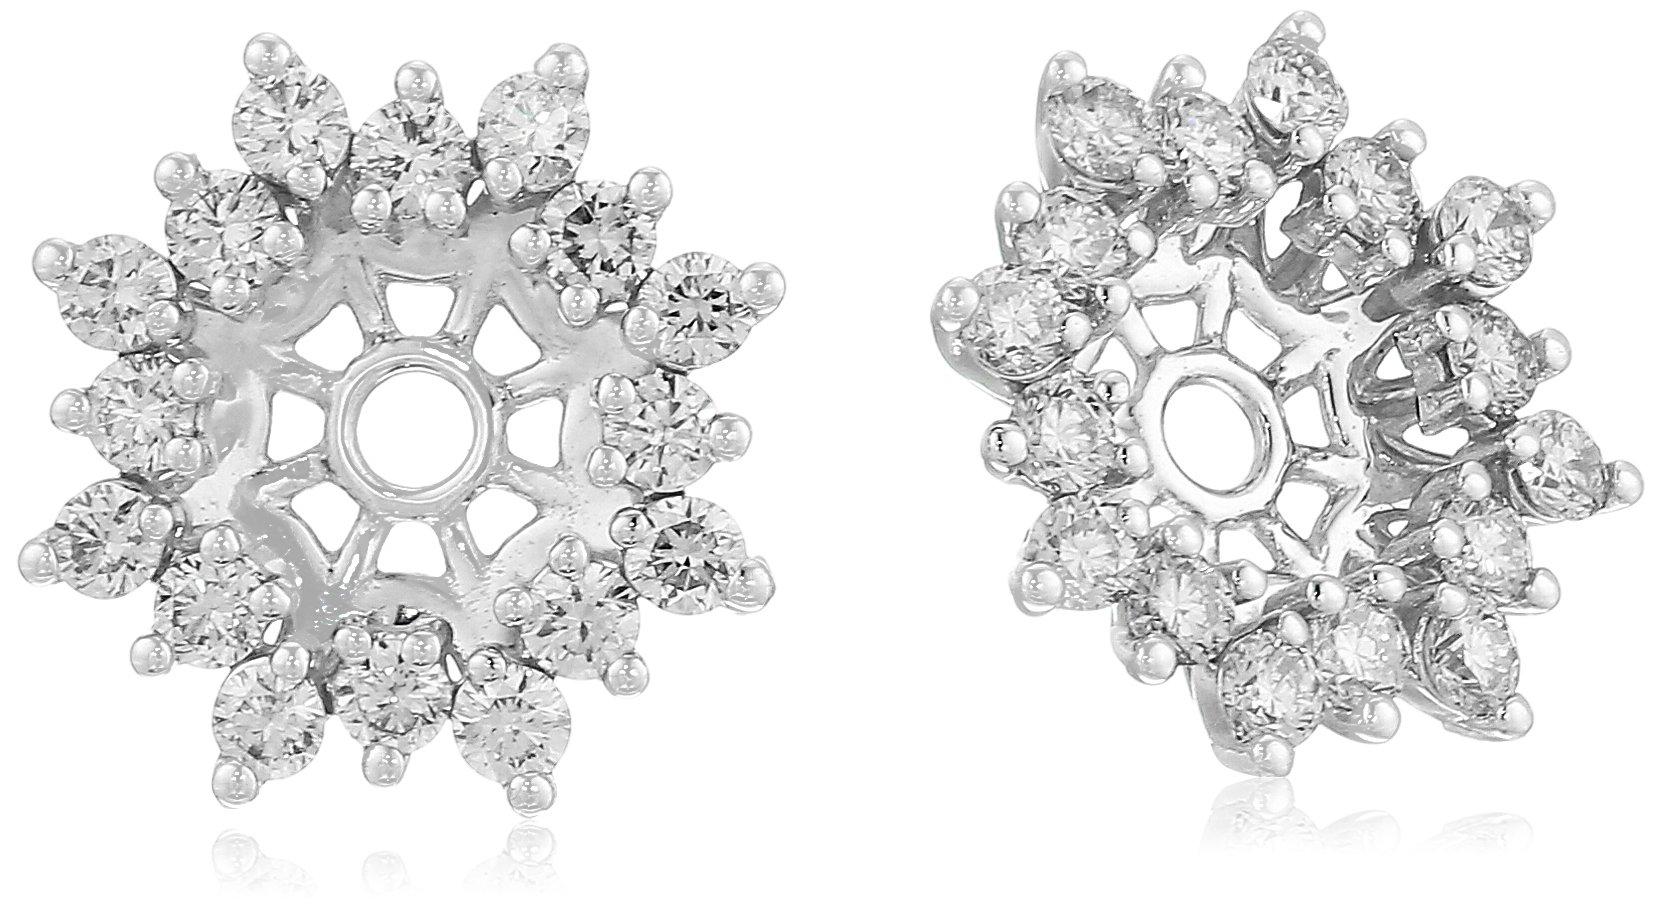 14k White Gold Diamond Starburst Earrings Jackets (3/4 cttw, J-K Color, I2-I3 Clarity)